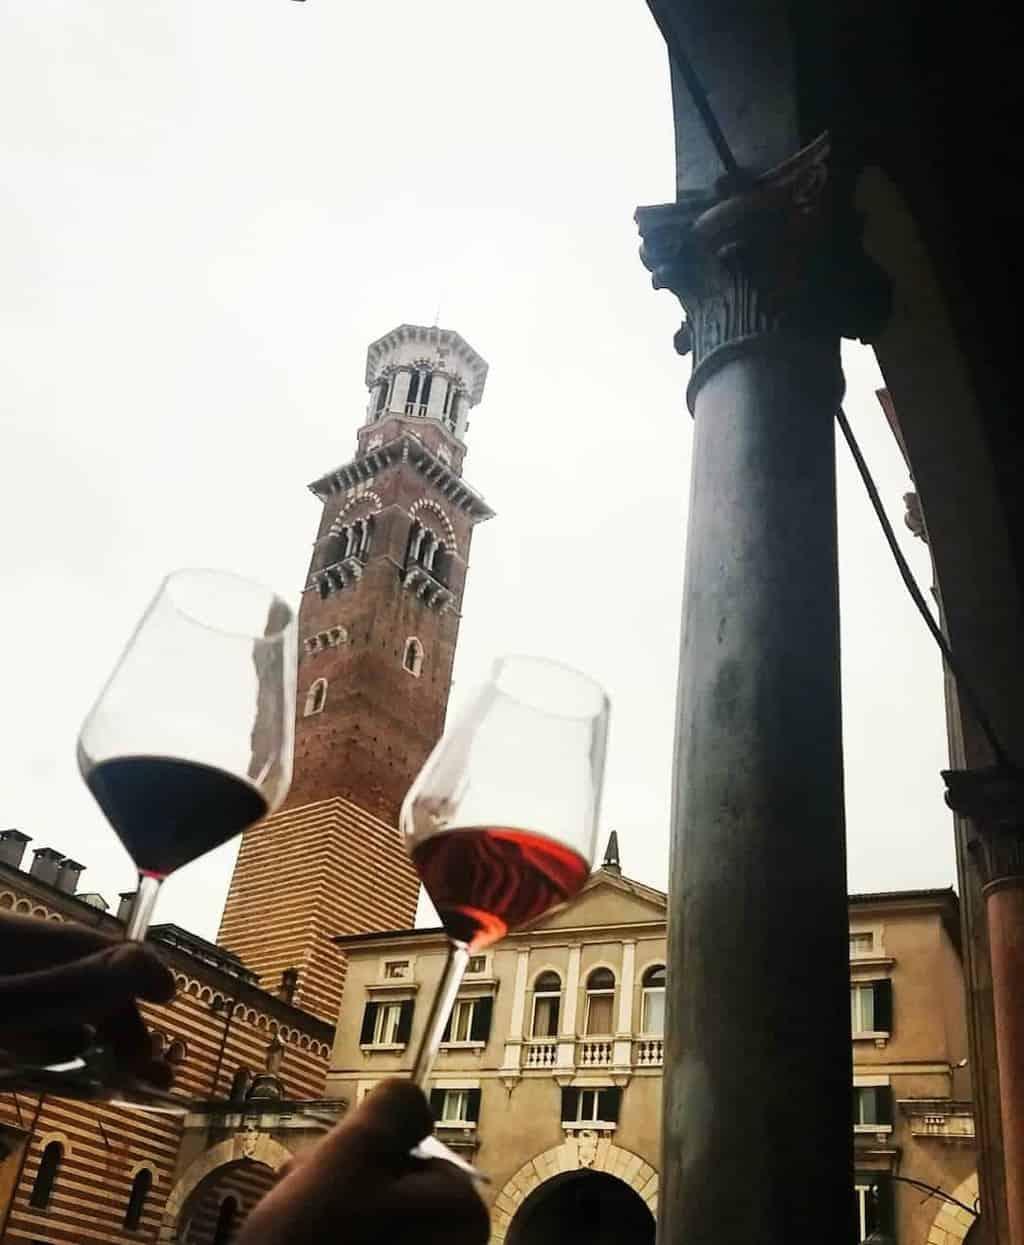 Vinitaly and The City 2018, Verona